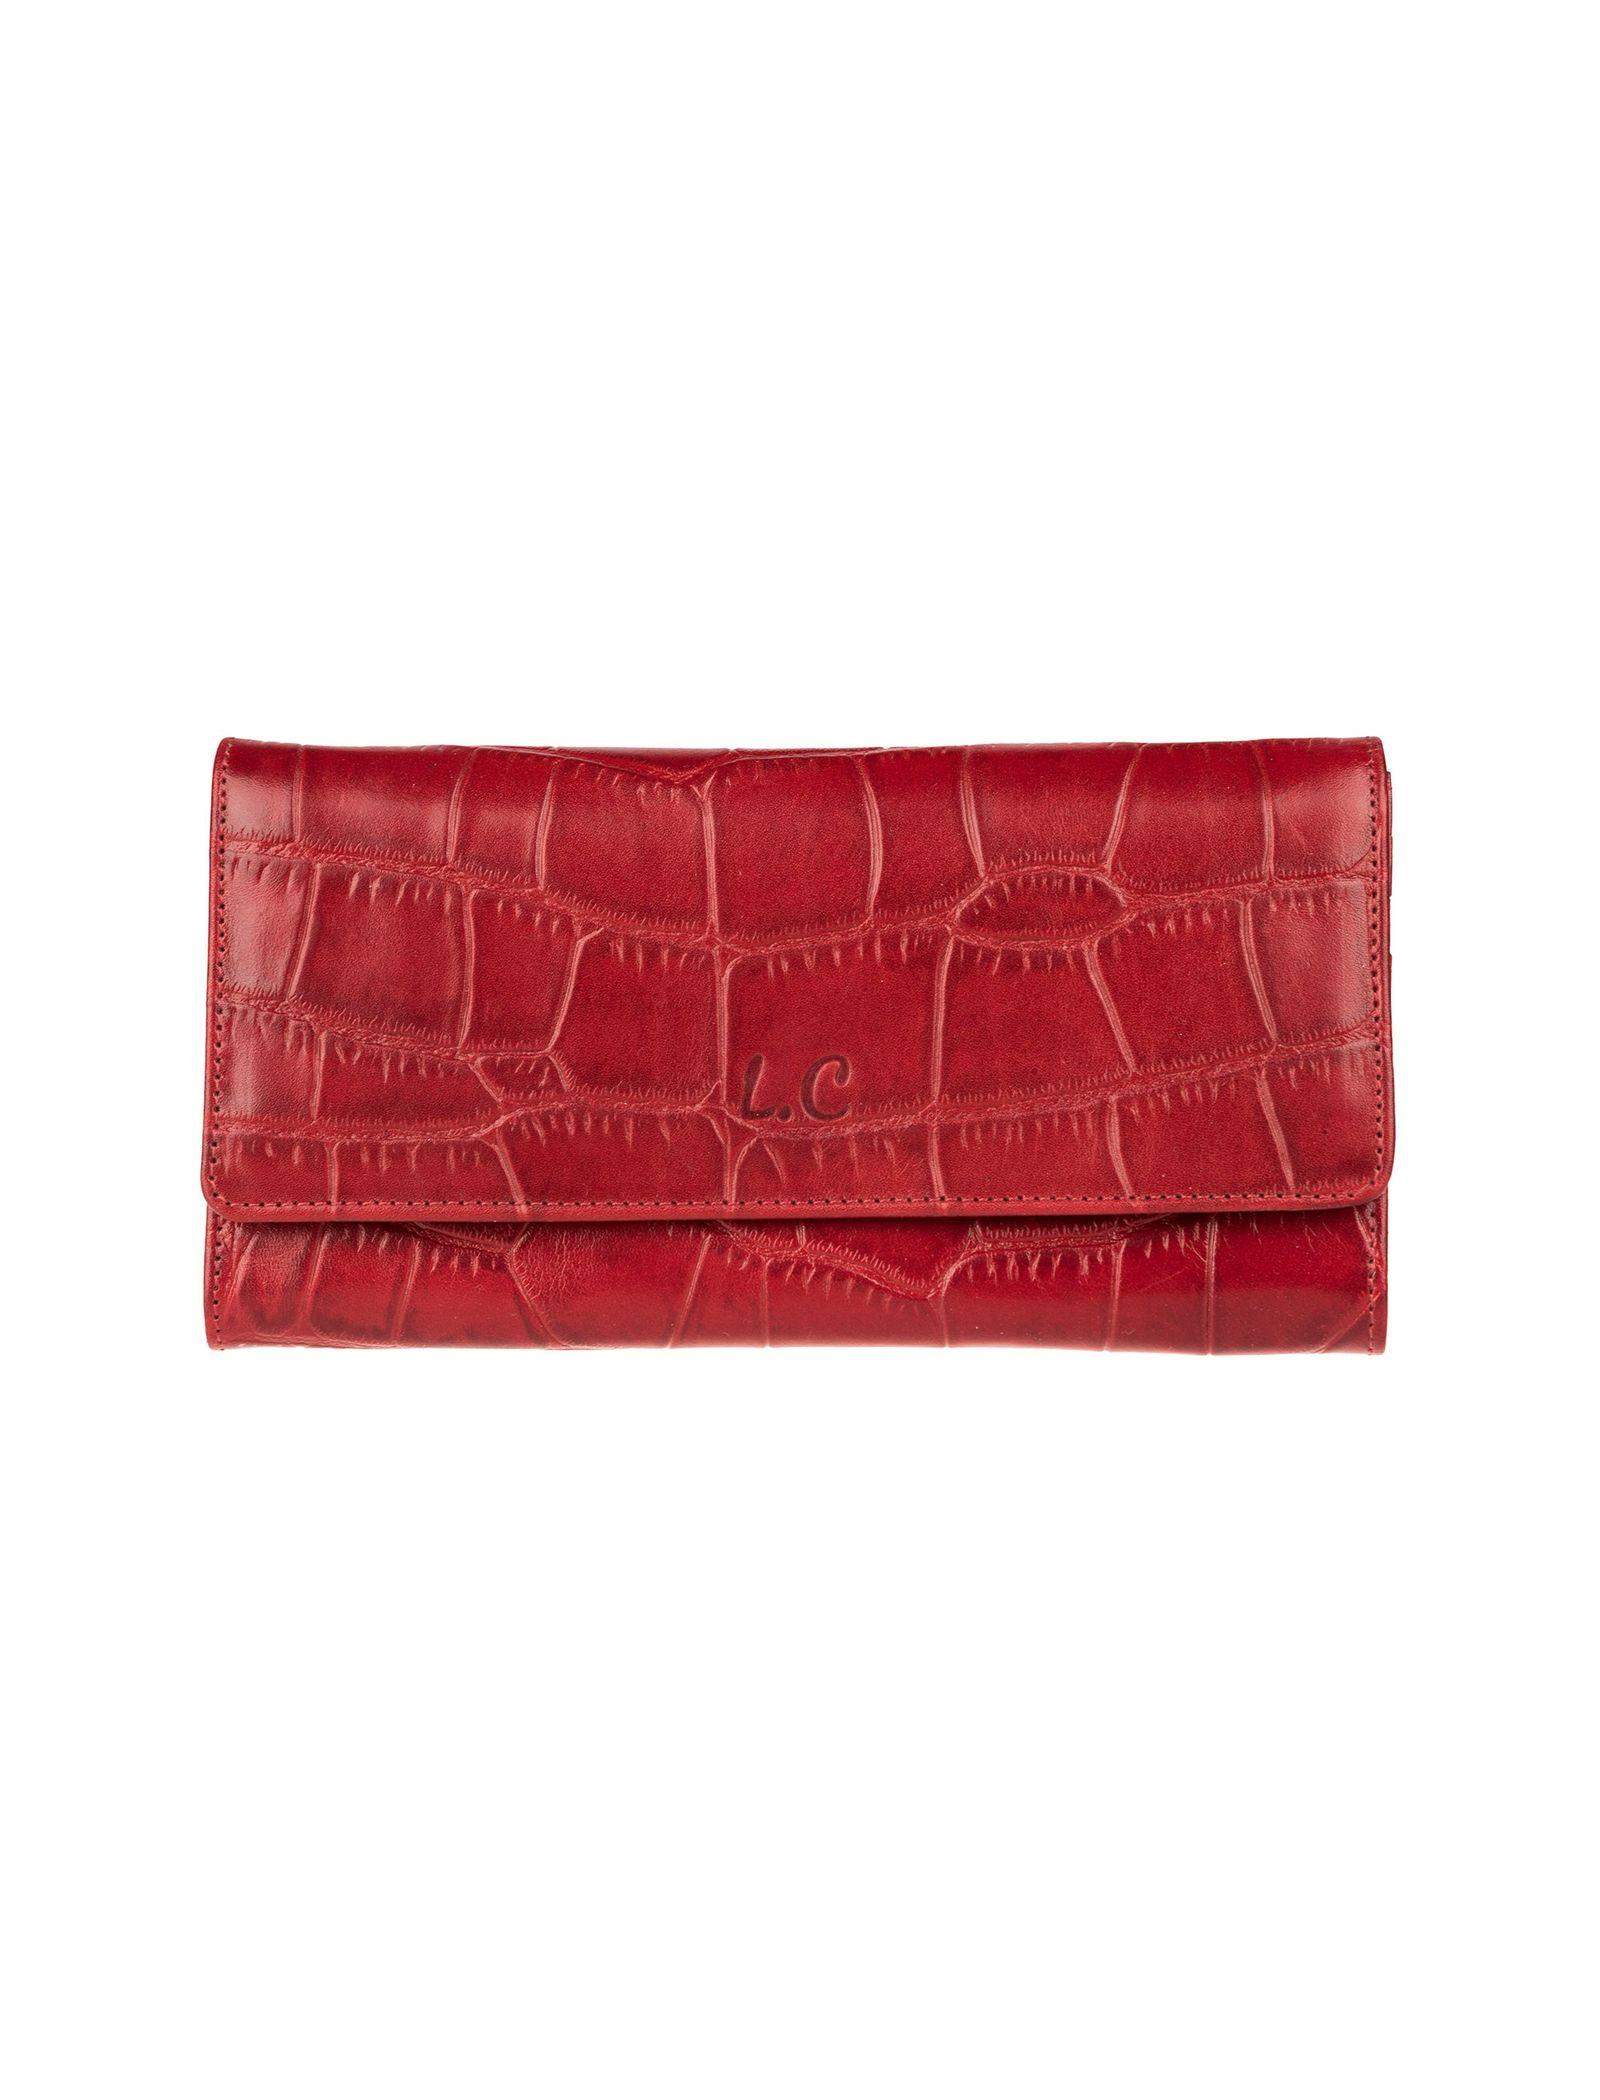 کیف پول چرم زنانه - شهر چرم - قرمز - 1